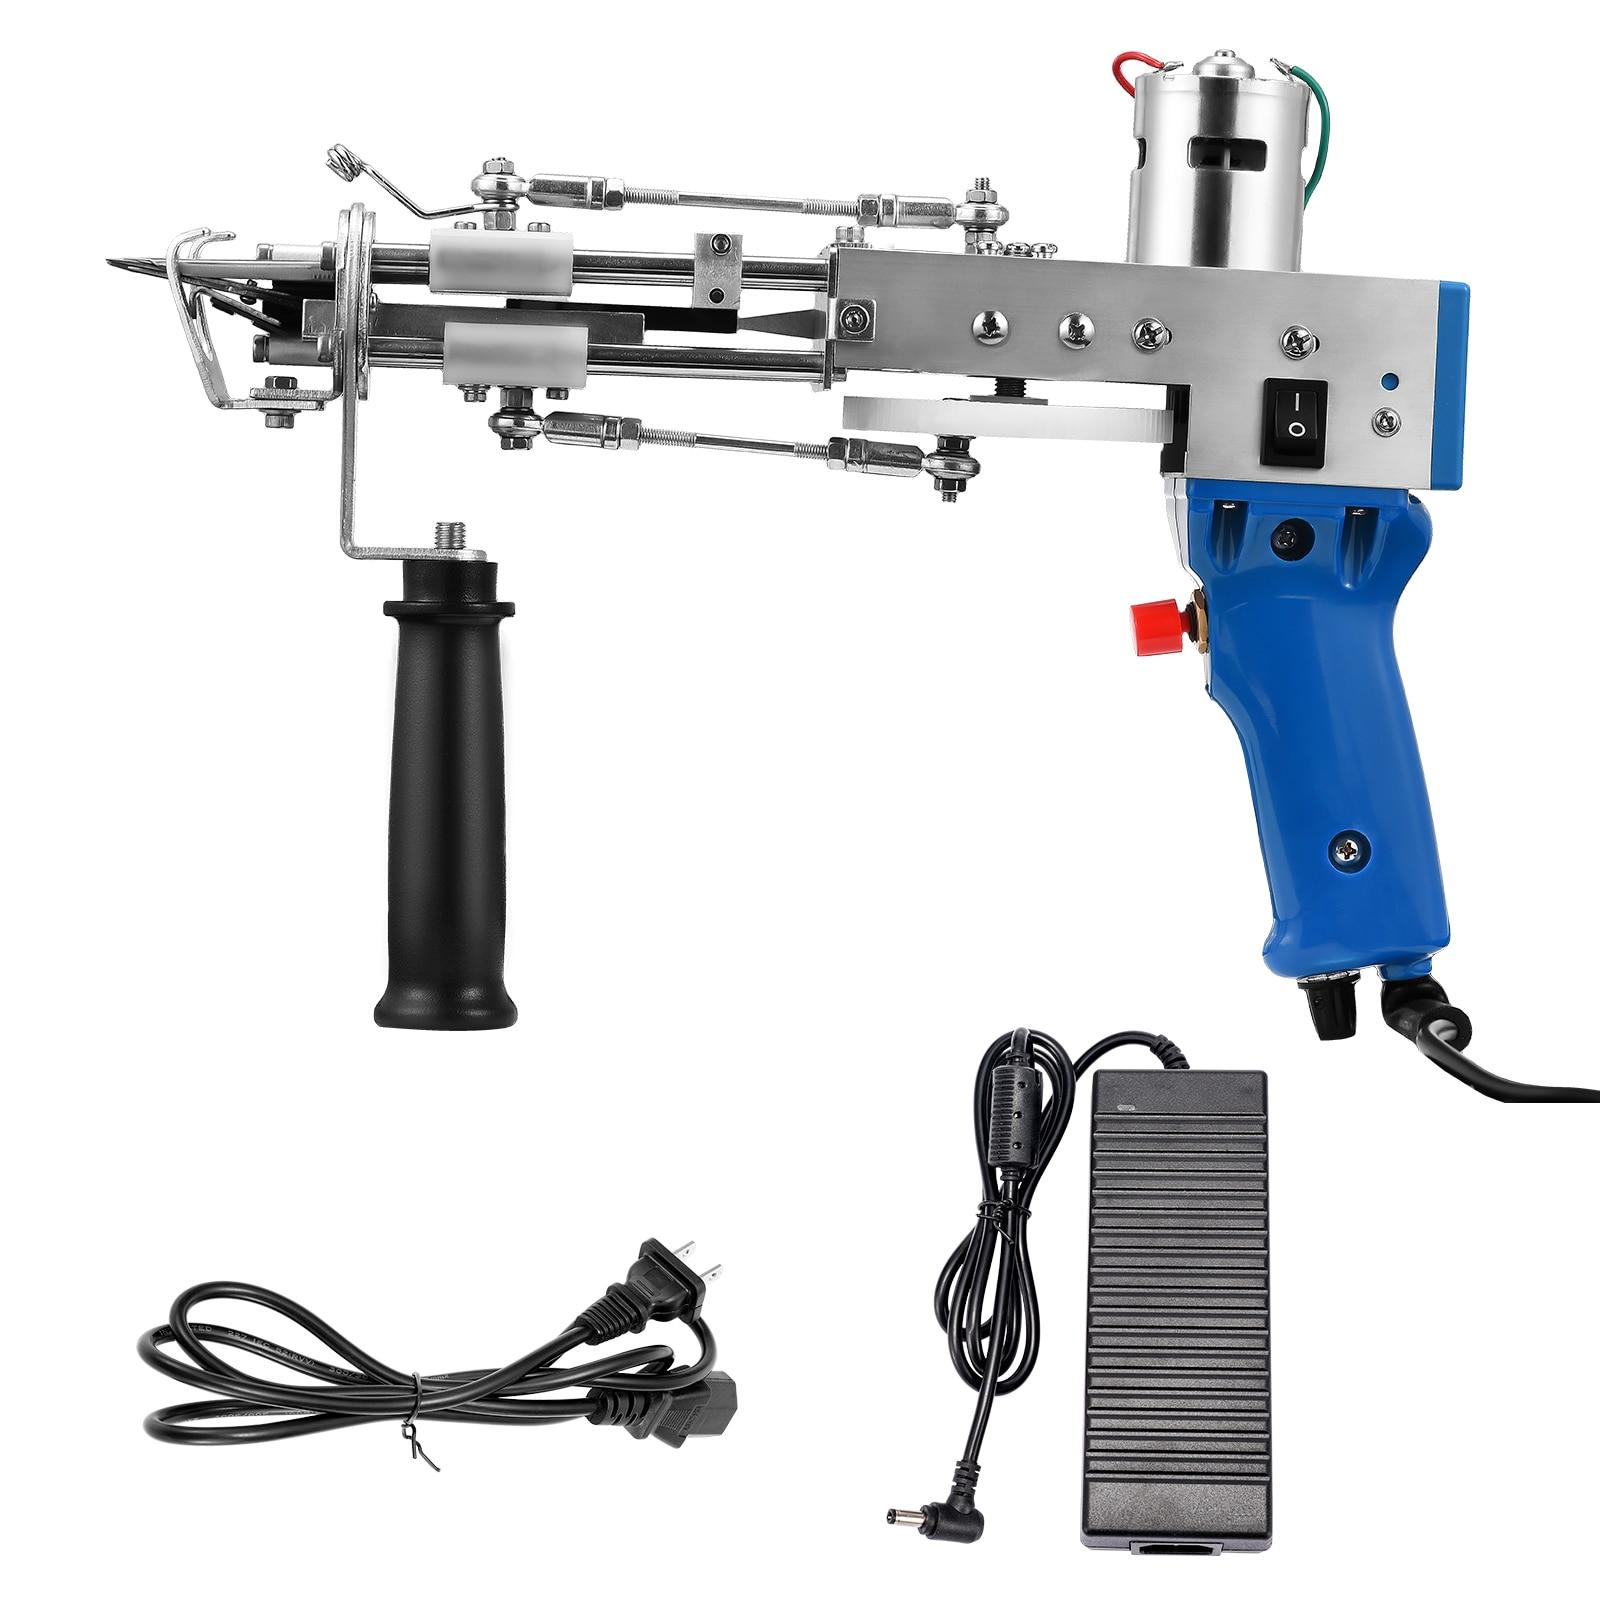 السجاد الكهربائية الانجراف بندقية السجاد ماكينة نسيج 100-240 فولت يتدفقون آلة باليد الصناعية الانجراف بندقية البساط صنع أدوات